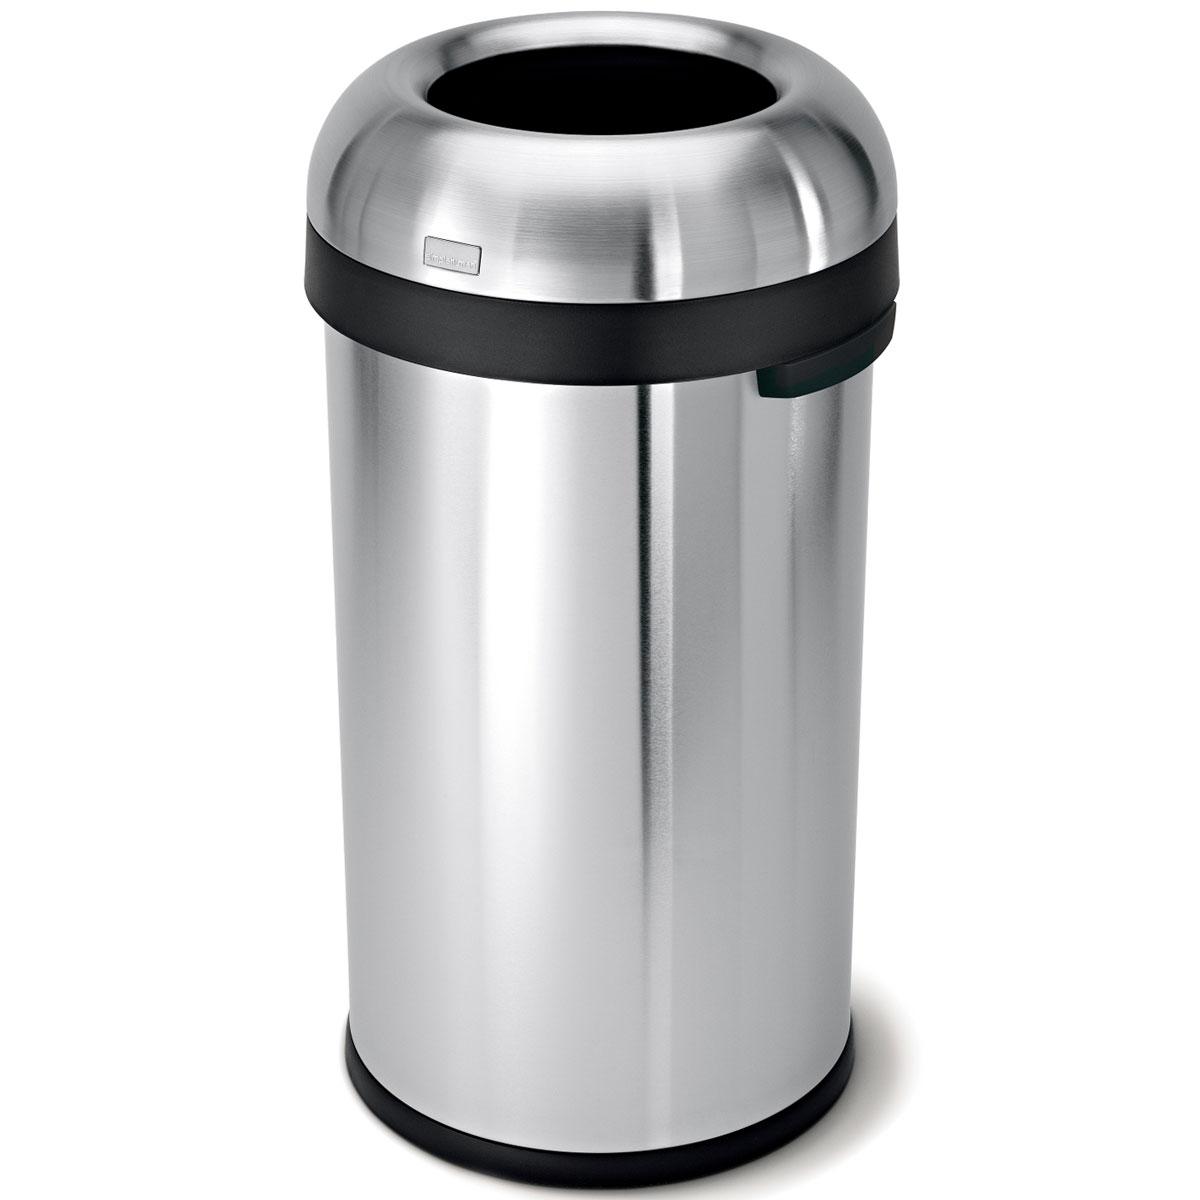 simplehuman ゴミ箱 オープンカン 60L ダストボックス ごみ箱 業務用ゴミ箱 商業施設 カフェやレストランなどにおしゃれ! シンプルヒューマン 正規品 1年間メーカー保証付き ゴミ箱 CW1407 ブレットオープンカン 60リットル